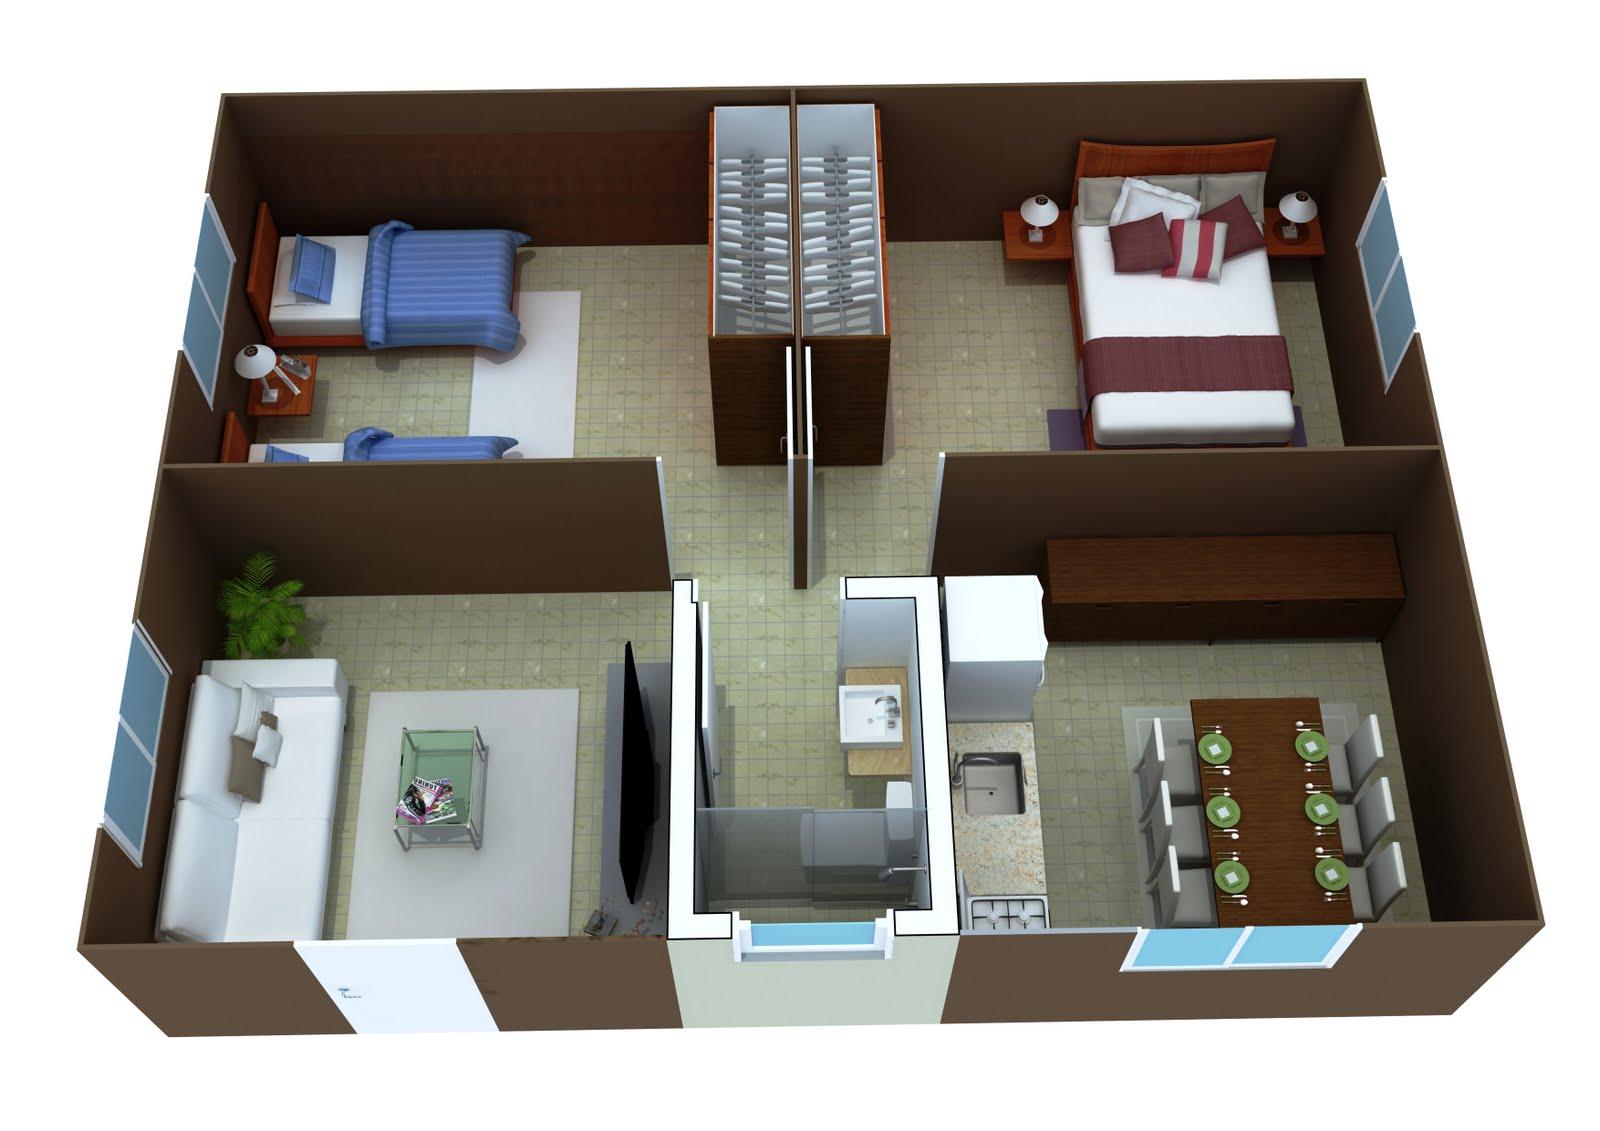 Como construir sua casa fotos de plantas de casas for Construir casas en 3d